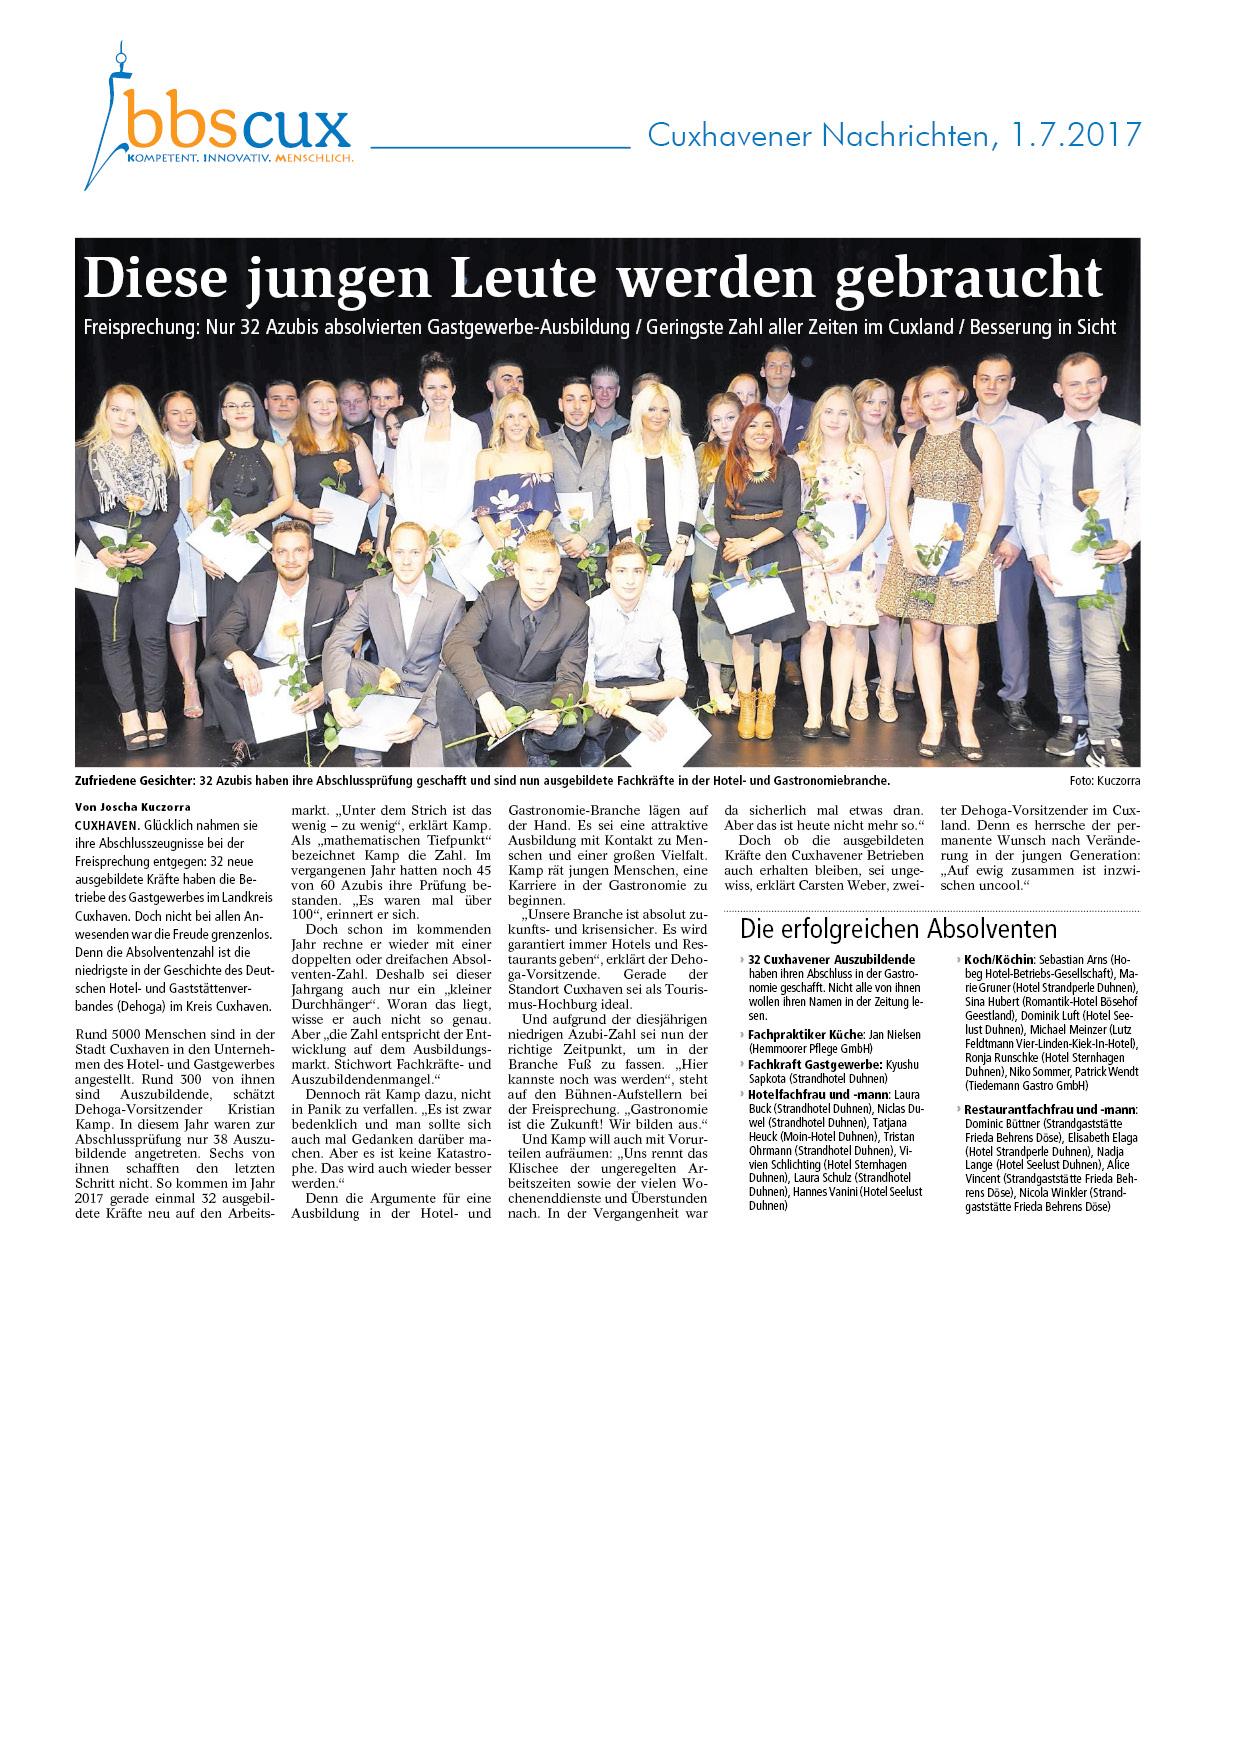 Cuxhavener Nachrichten vom 1.72017.